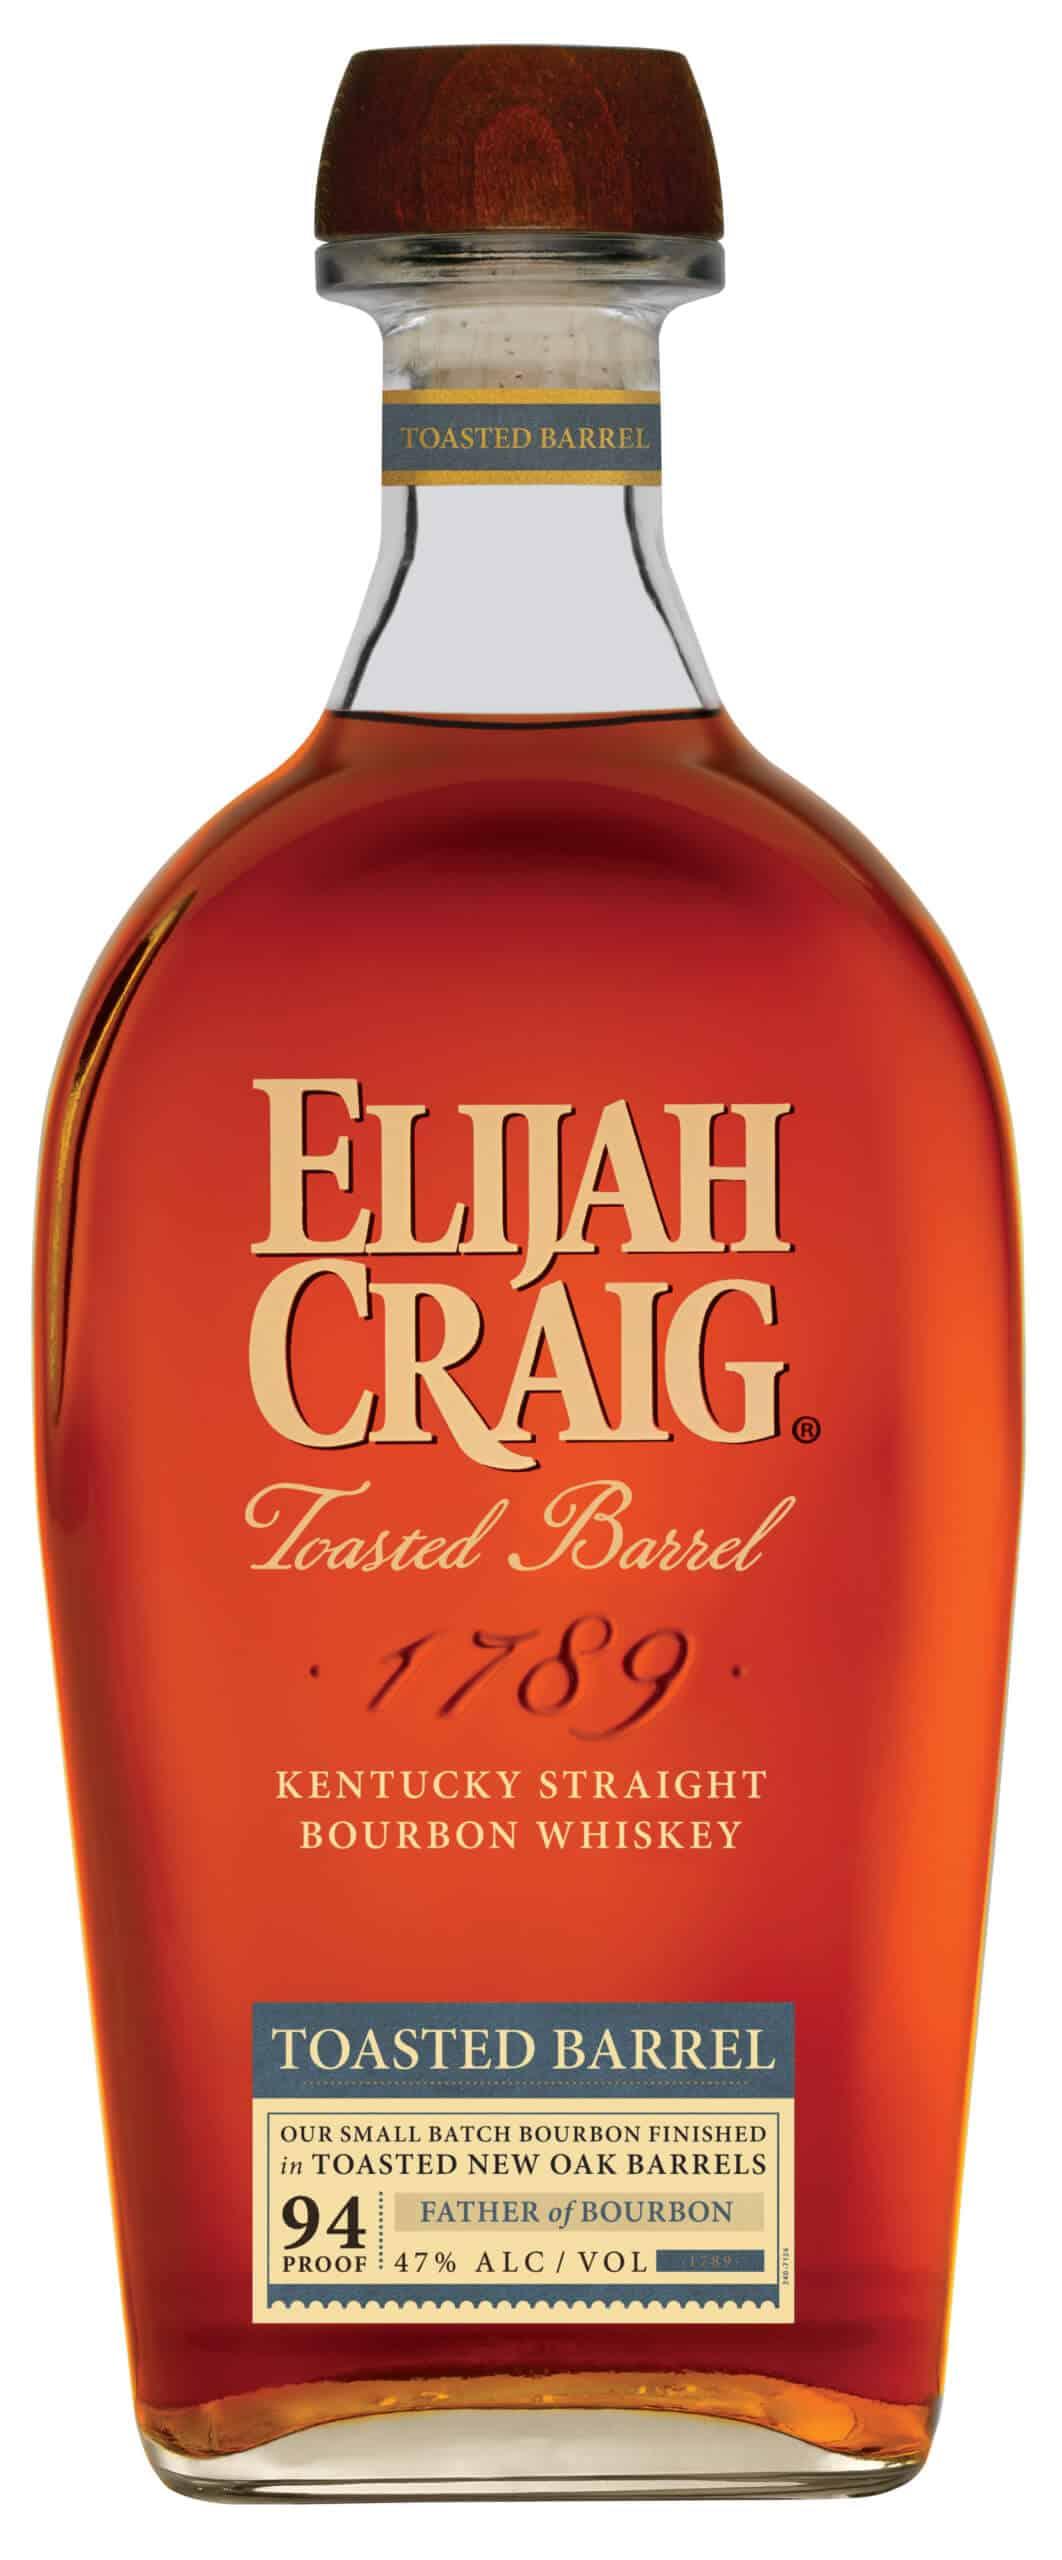 EC ToastedBarrel Bottle StraightOn 2020 scaled - Elijah Craig Launches Toasted Barrel Kentucky Straight Bourbon Whiskey